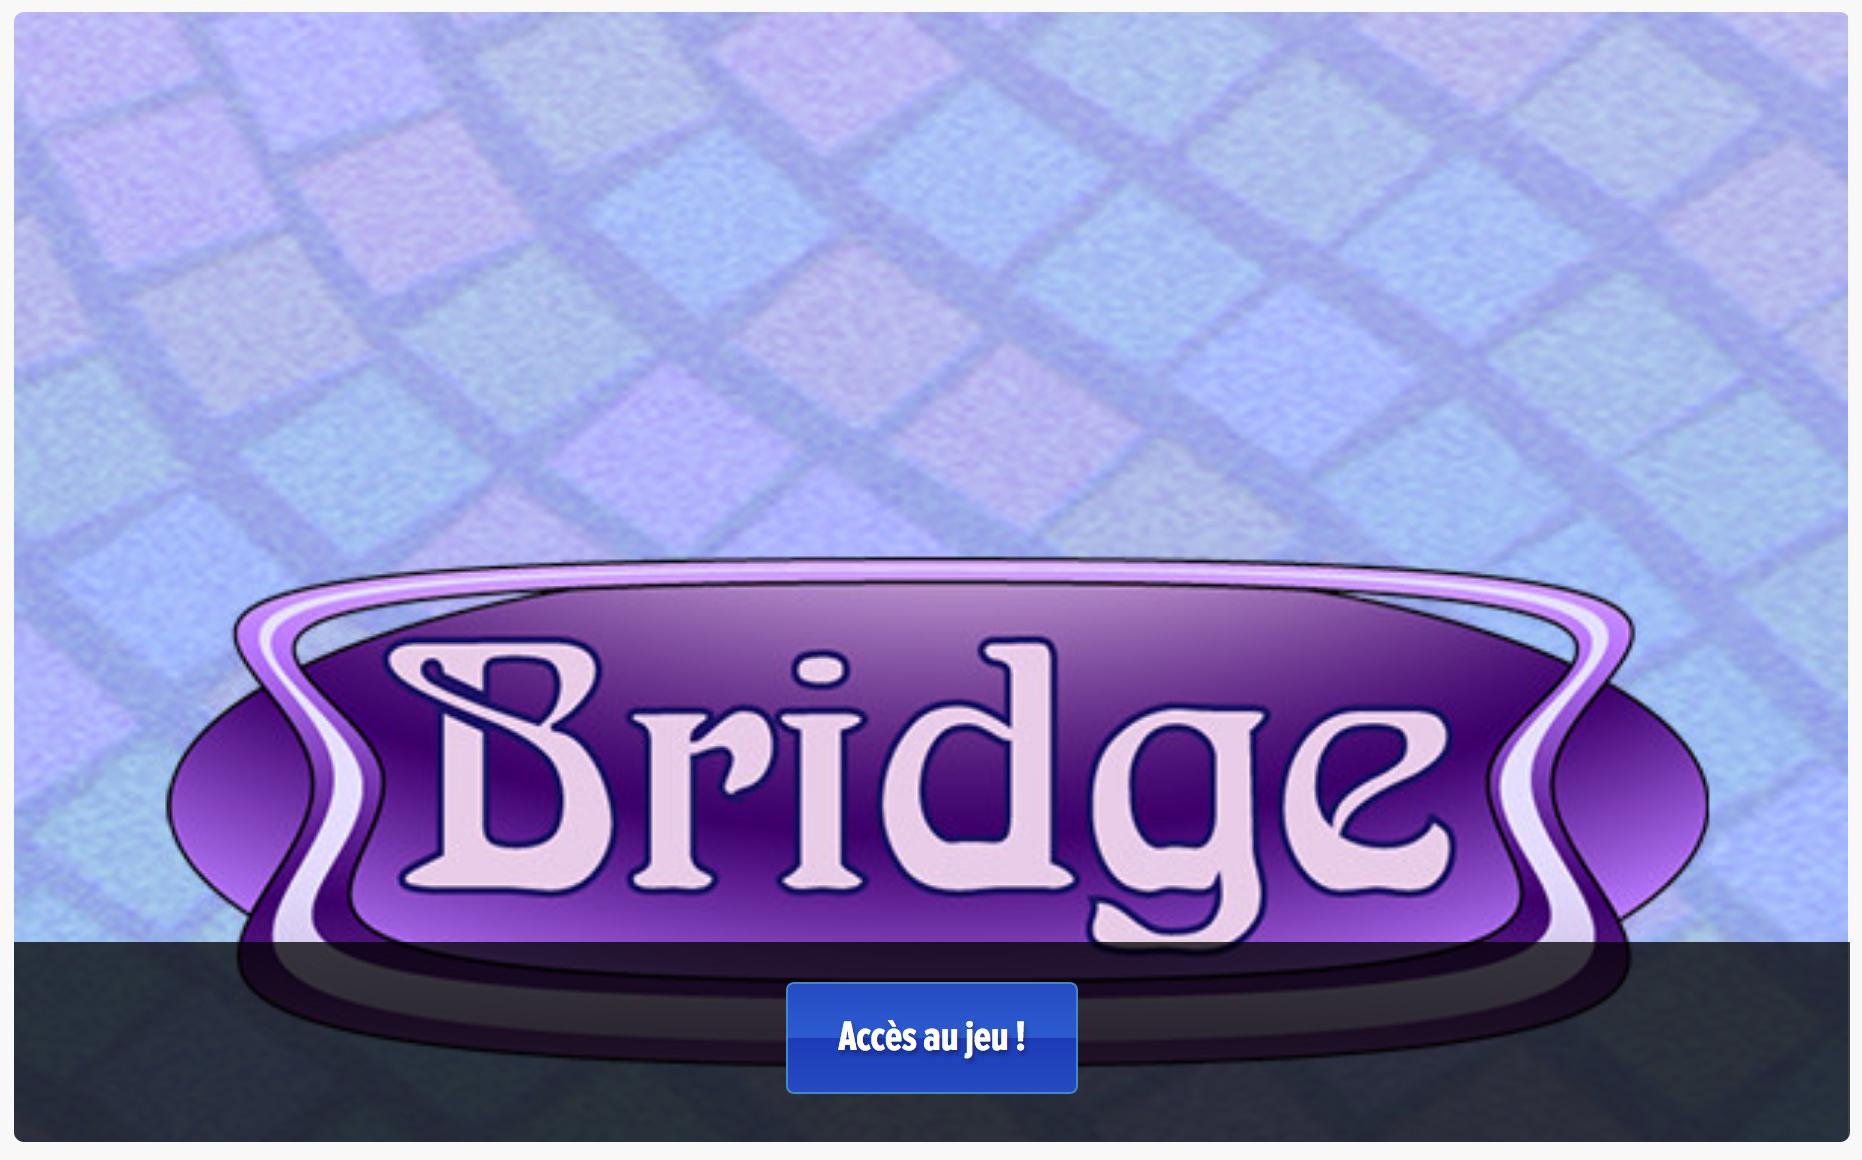 Bridge Gratuit Sur Internet : Jeu De Cartes Multi-Joueurs à Jeux Pour Jouer Gratuitement